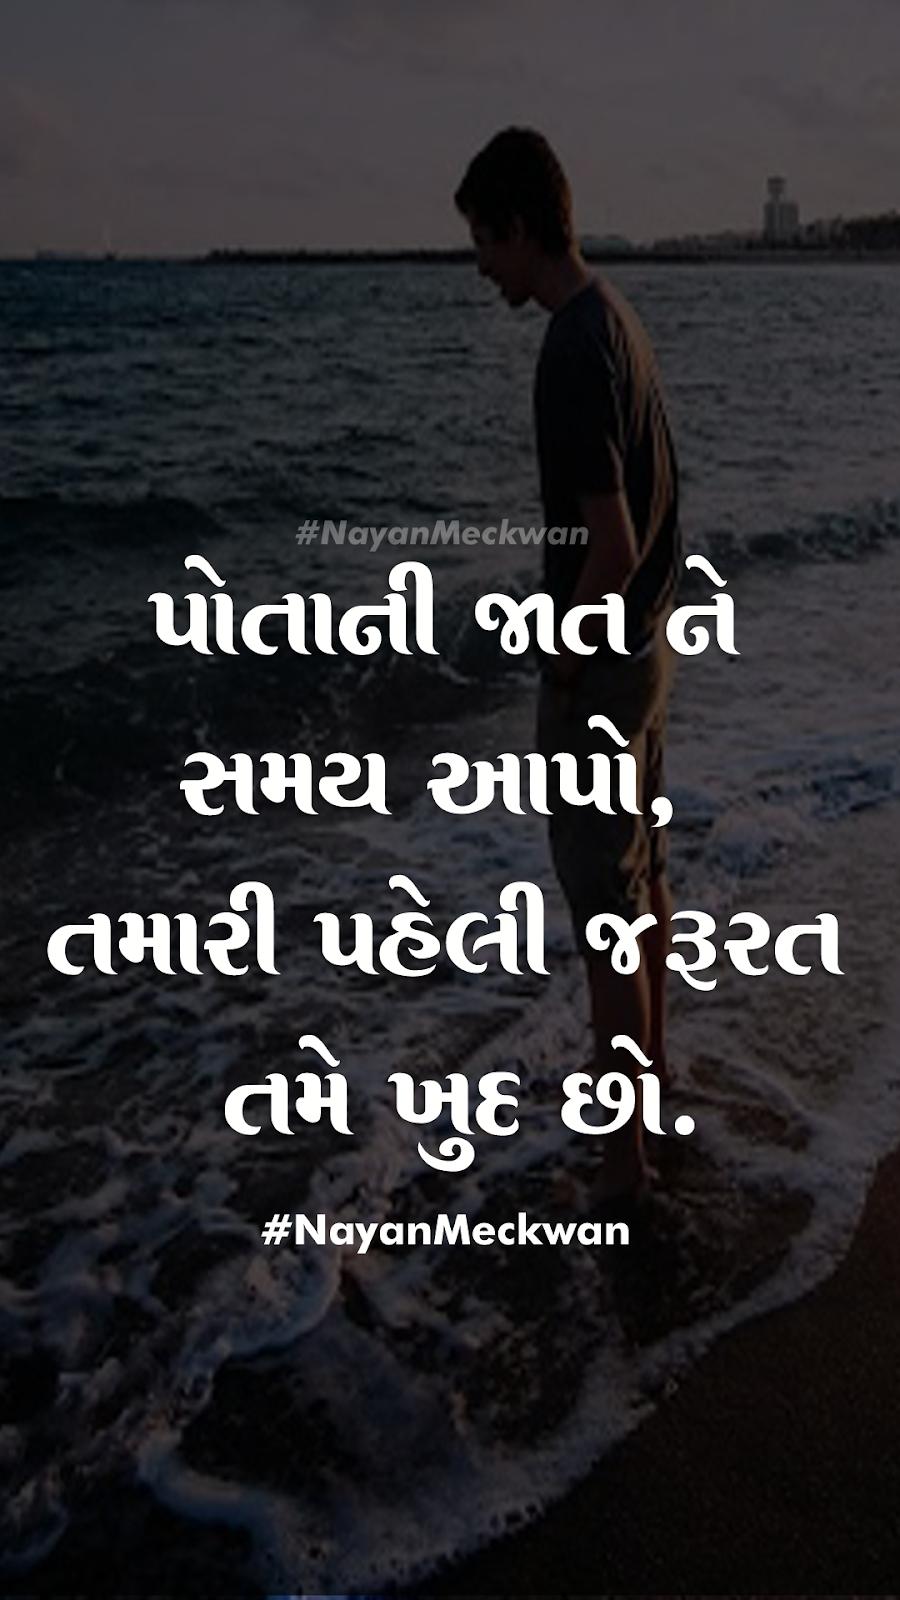 પોતાને - ગુજરાતી સુવિચાર । Gujarati Suvicar | Self Quote